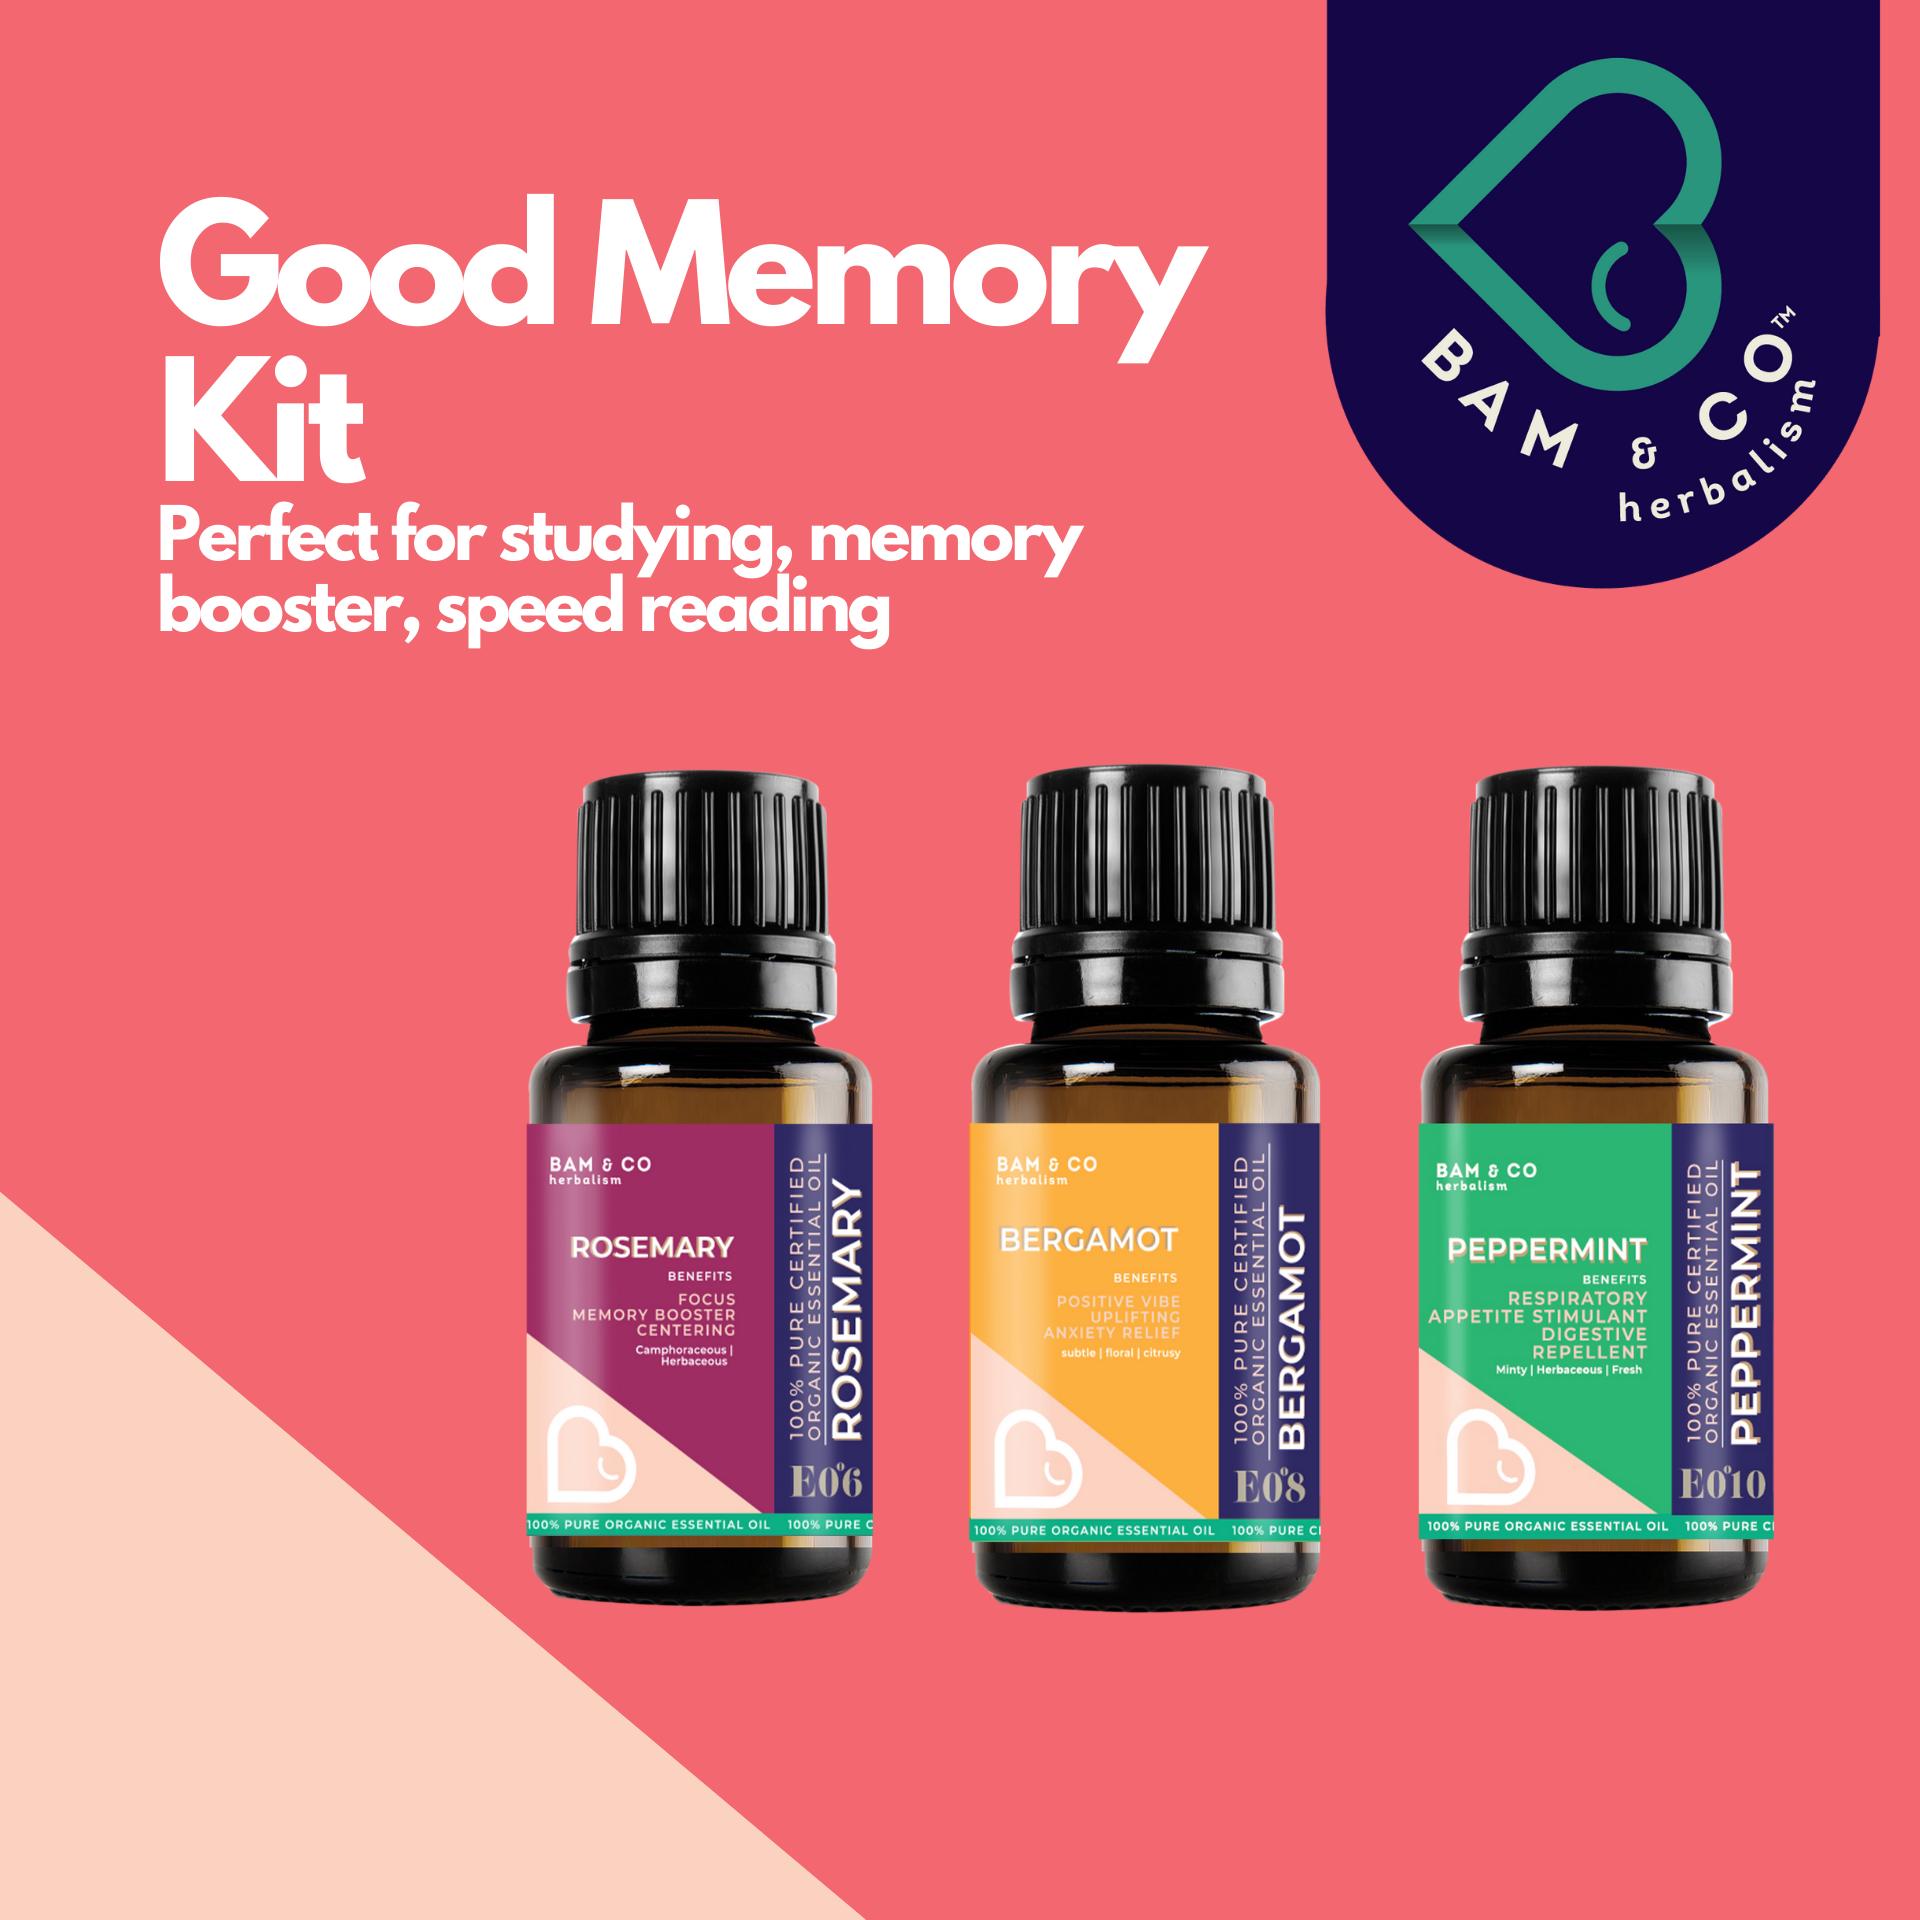 BAM & CO. GOOD MEMORY KIT ESSENTIAL OIL KIT SET PACK COMBO 3 SCENT 5ML